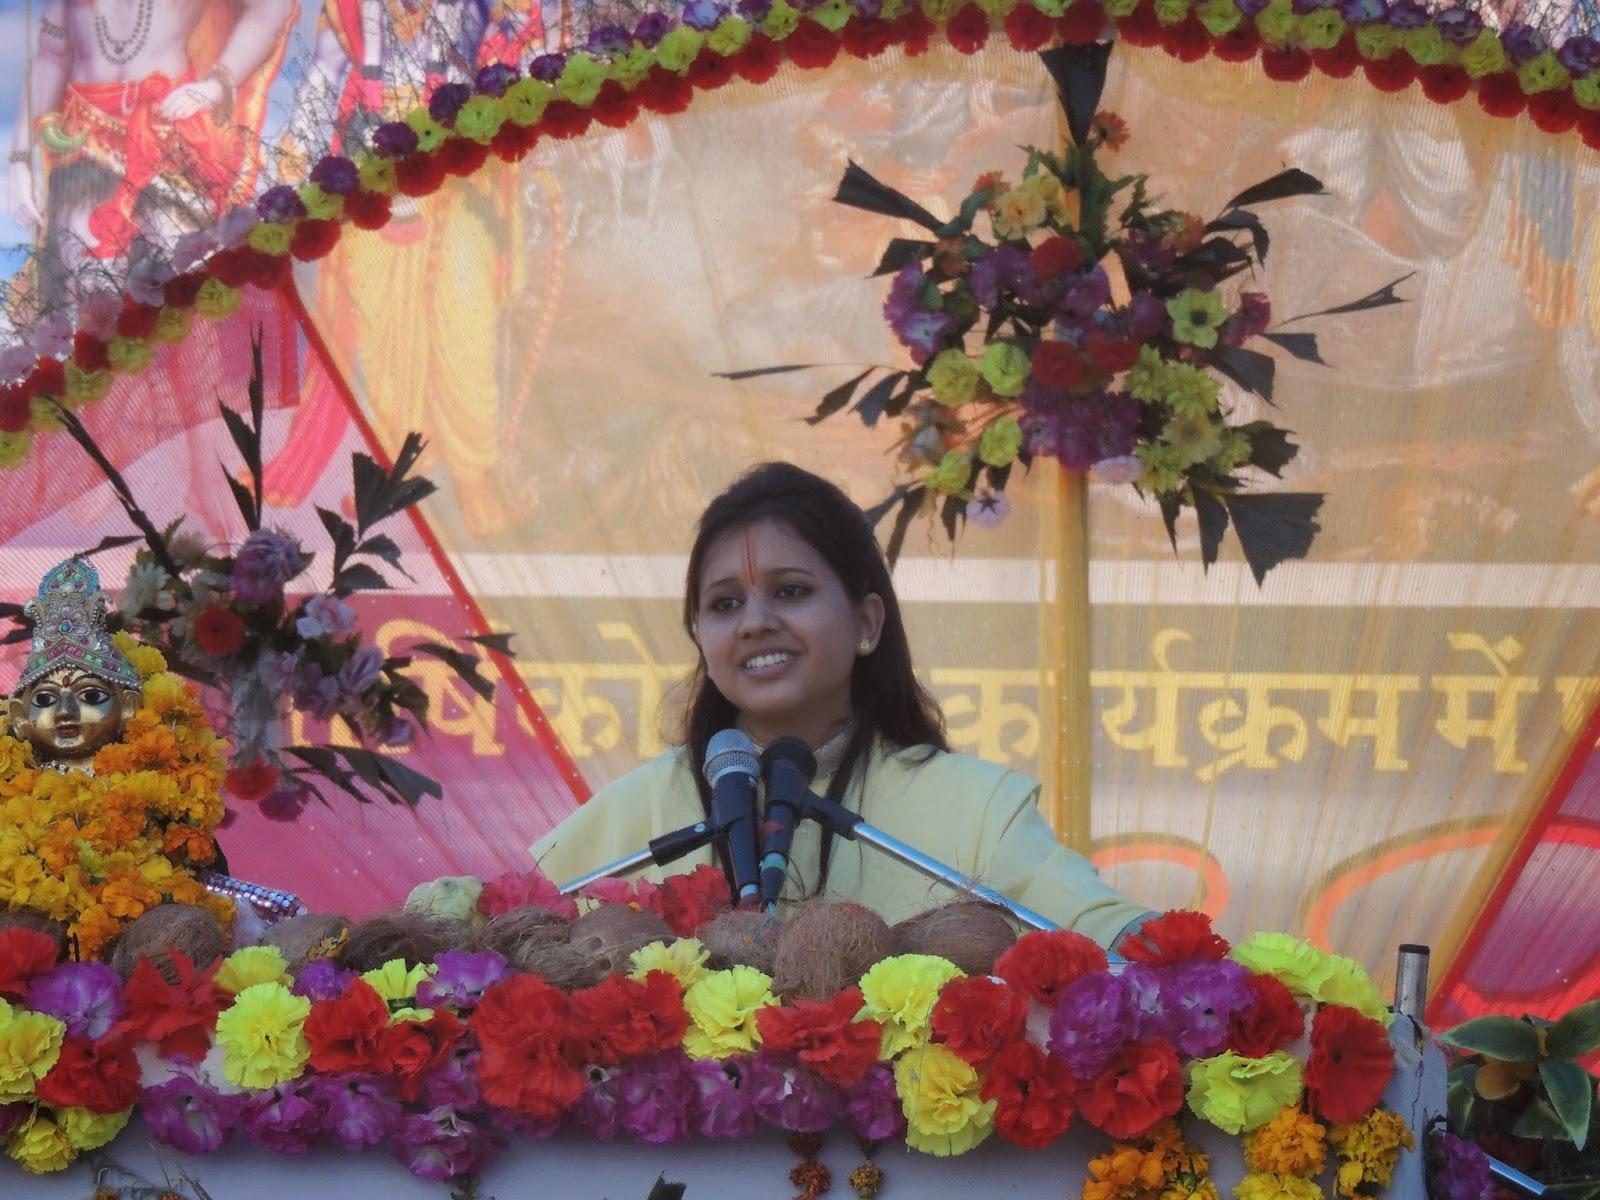 Bhagwat Katha Wallpaper Posted by Sadhvi Saraswati ji